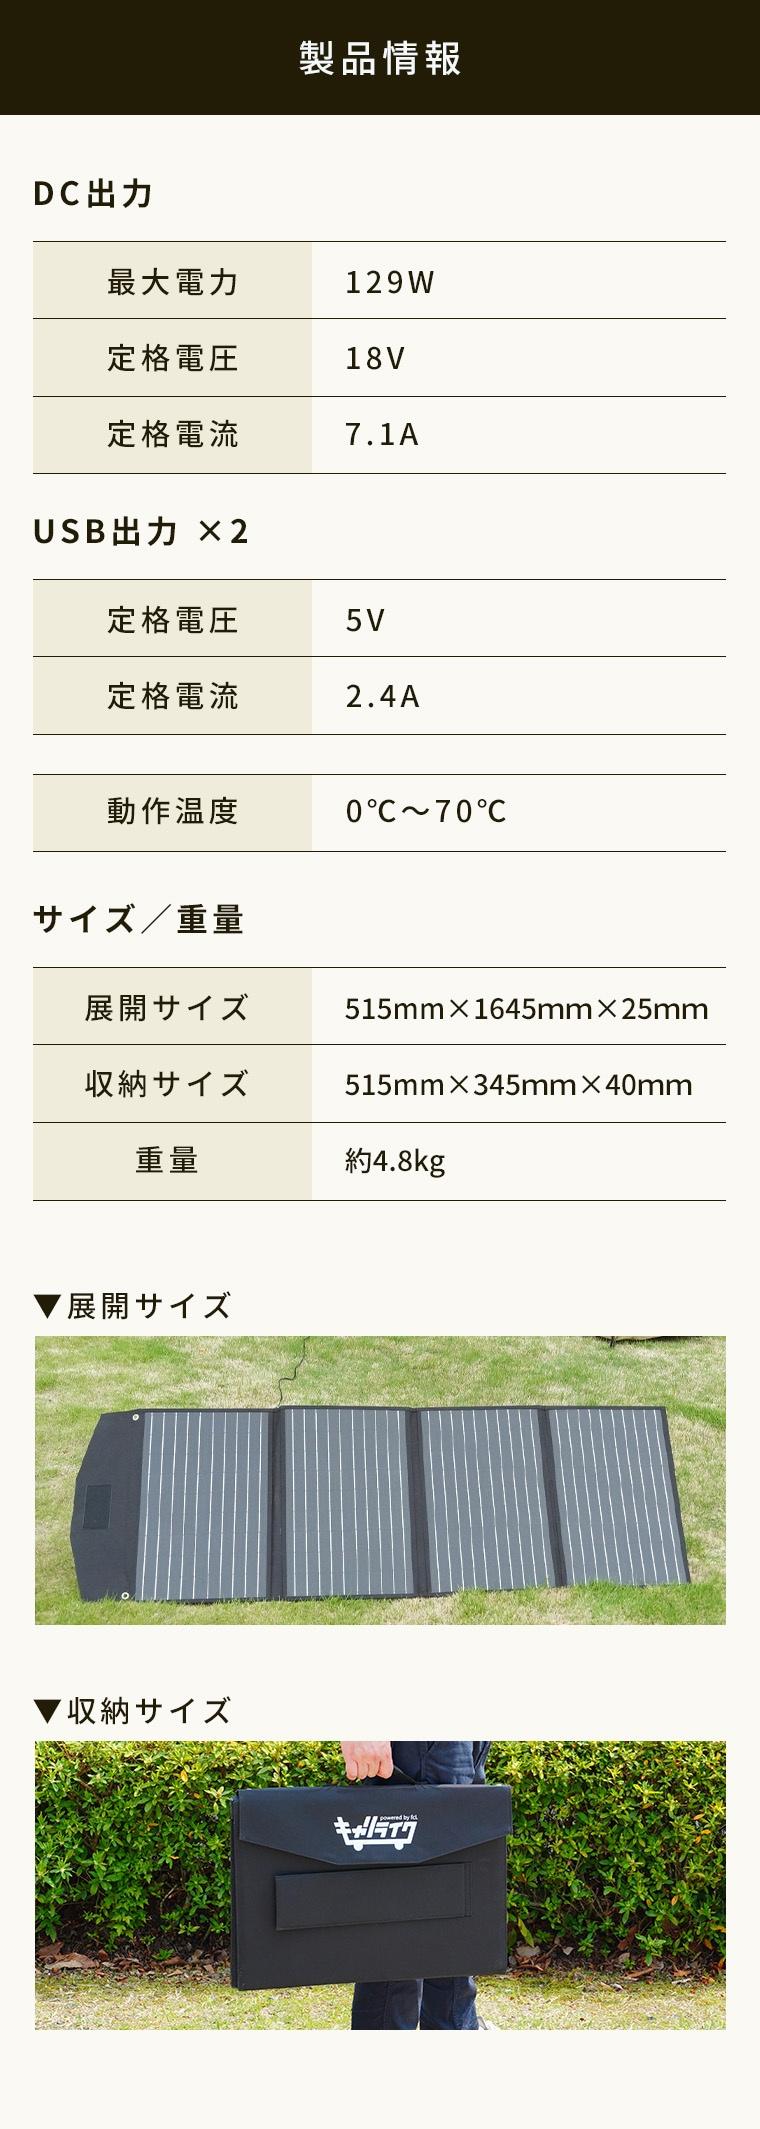 ソーラーパネル製品情報